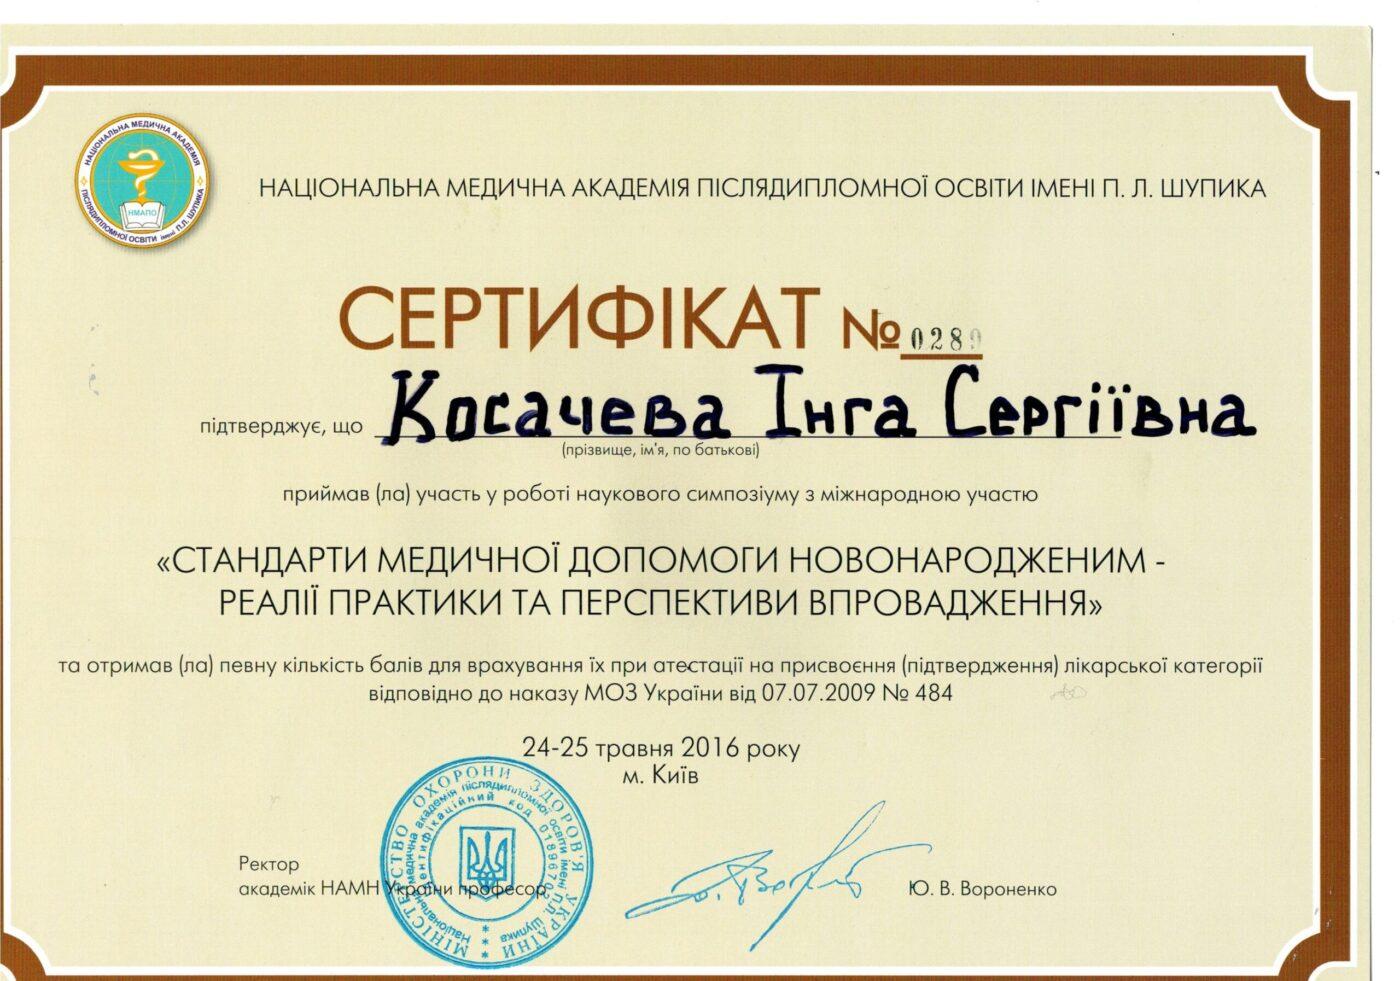 Сертифікат дитячого лікаря анестезіолога  Косачевої Інги Сергіївни об участі у курсі (Стандарти медичної допомоги новонародженим-реалії практики та перспективи впровадження)